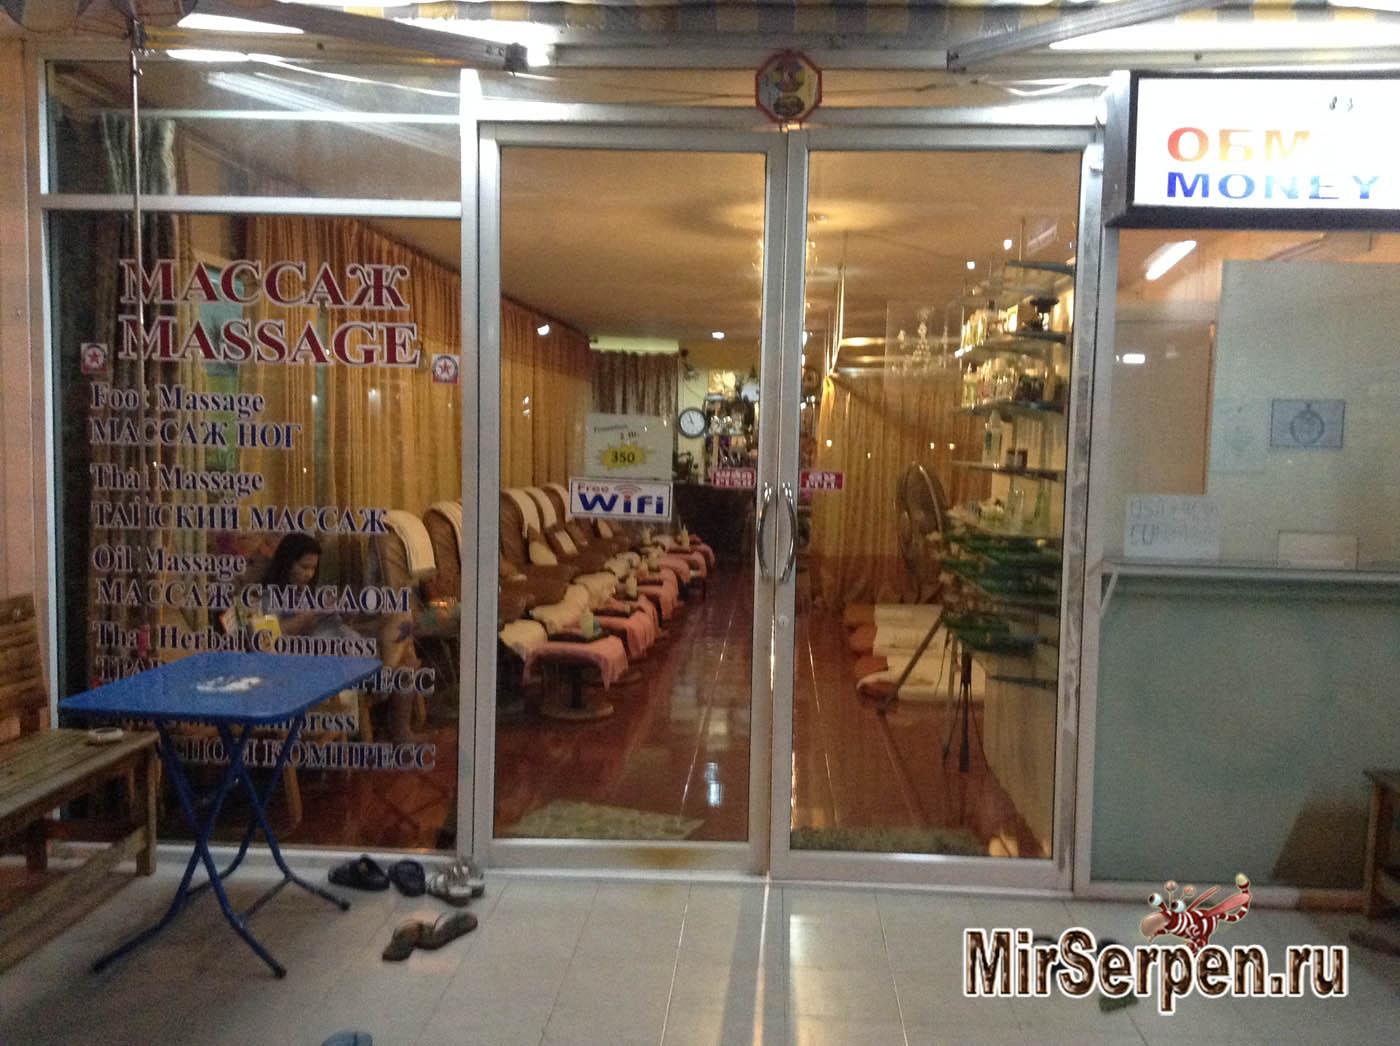 Тайский массаж — приятно и полезно